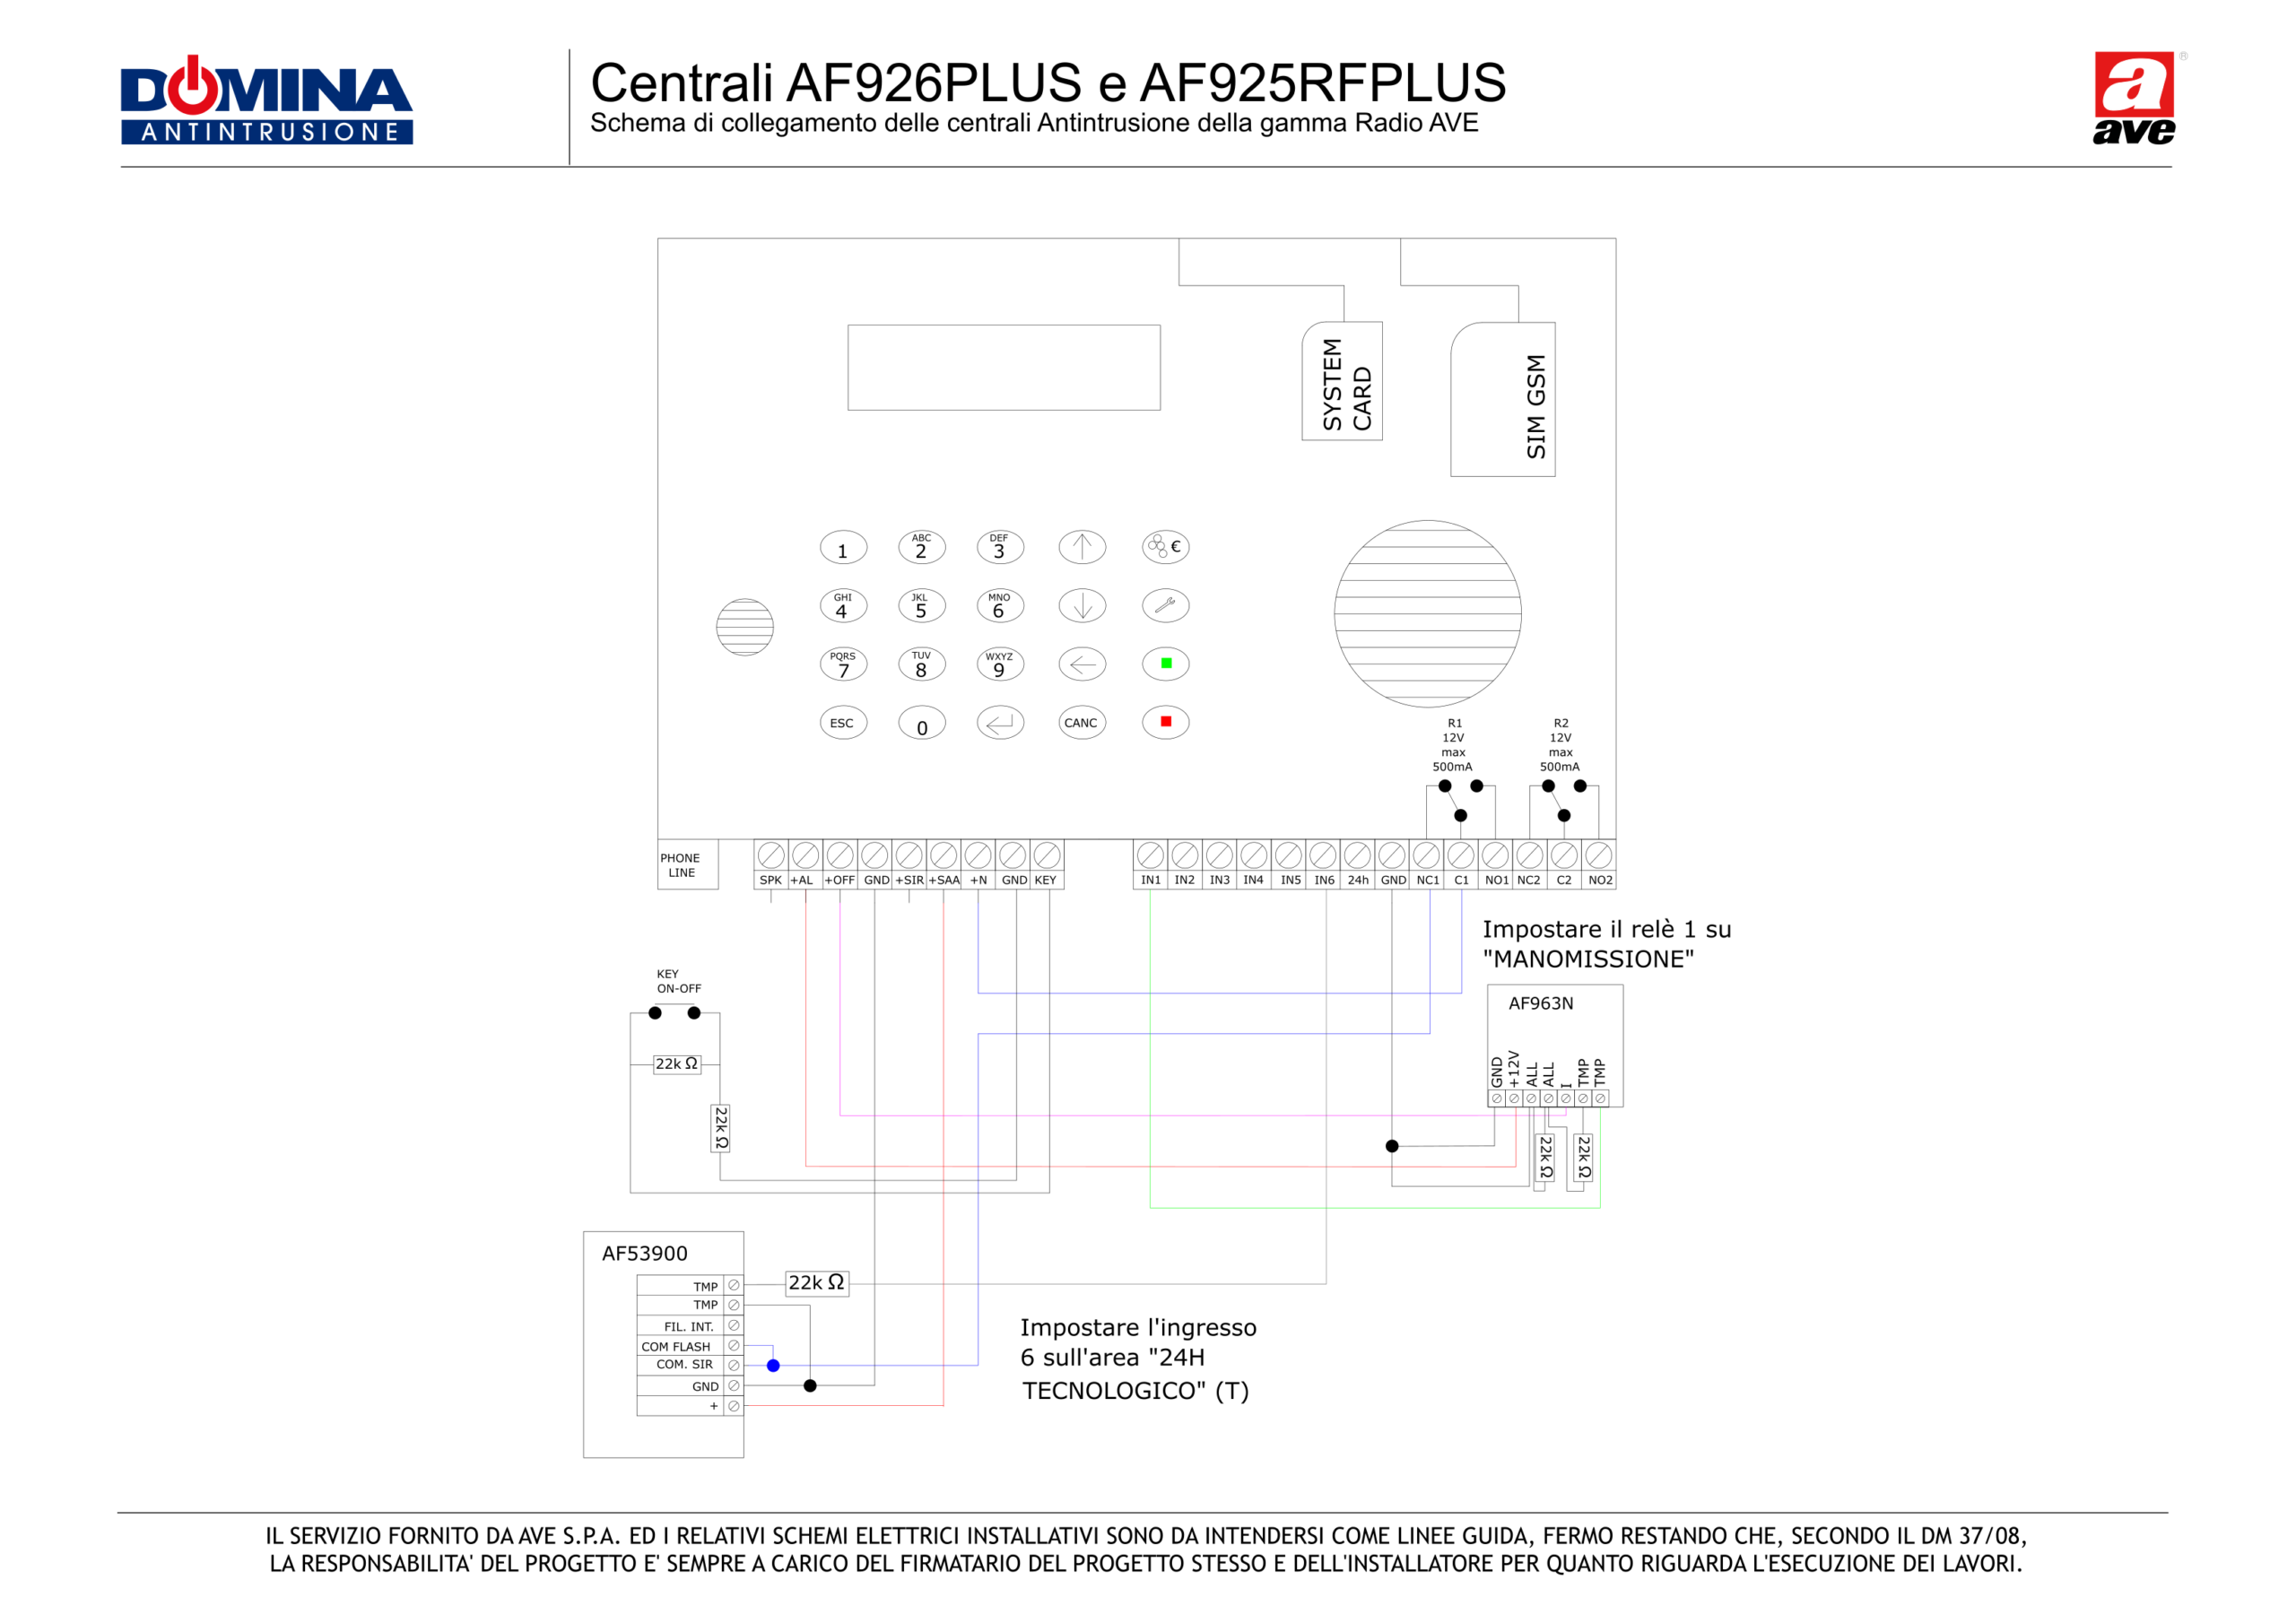 Centrali AF926PLUS e AF925RFPLUS